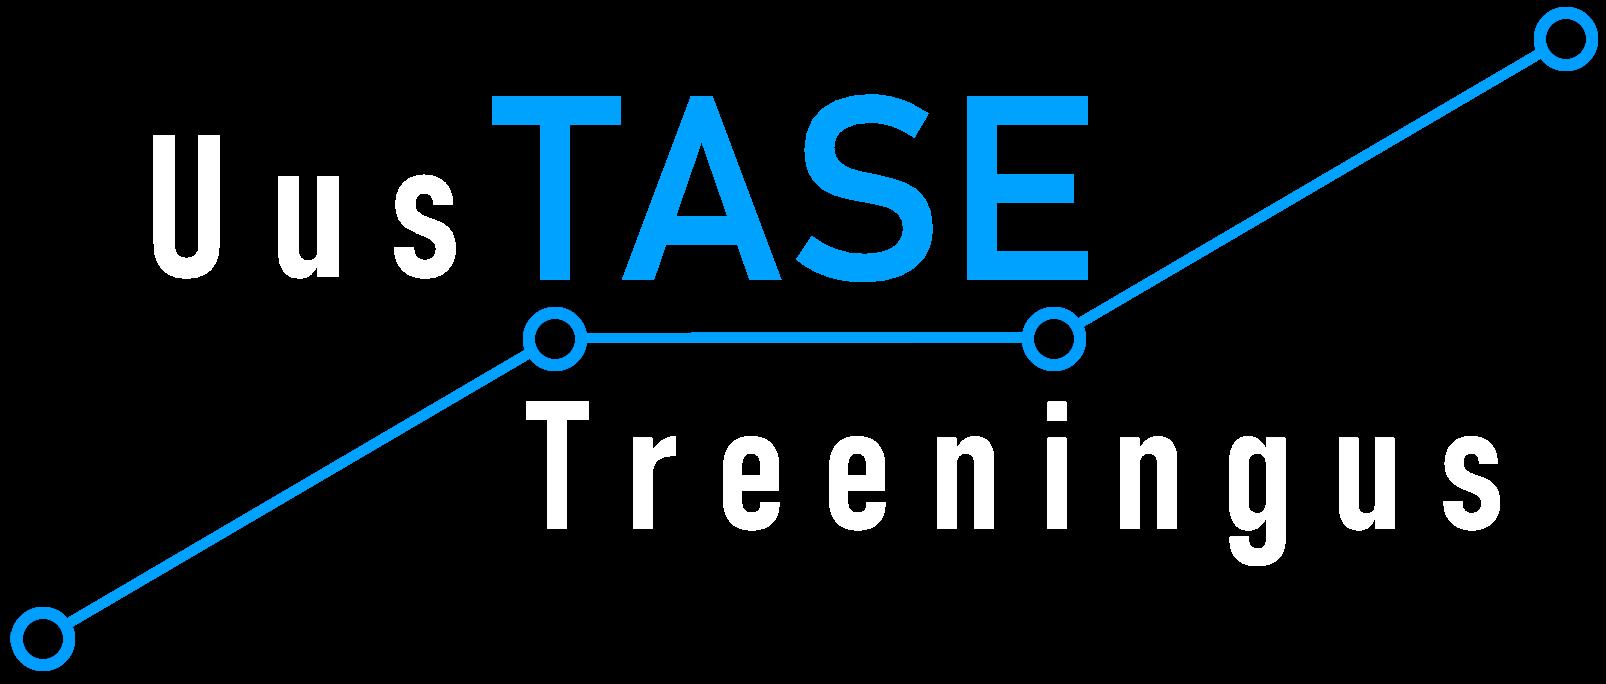 Uus Tase Treeningus